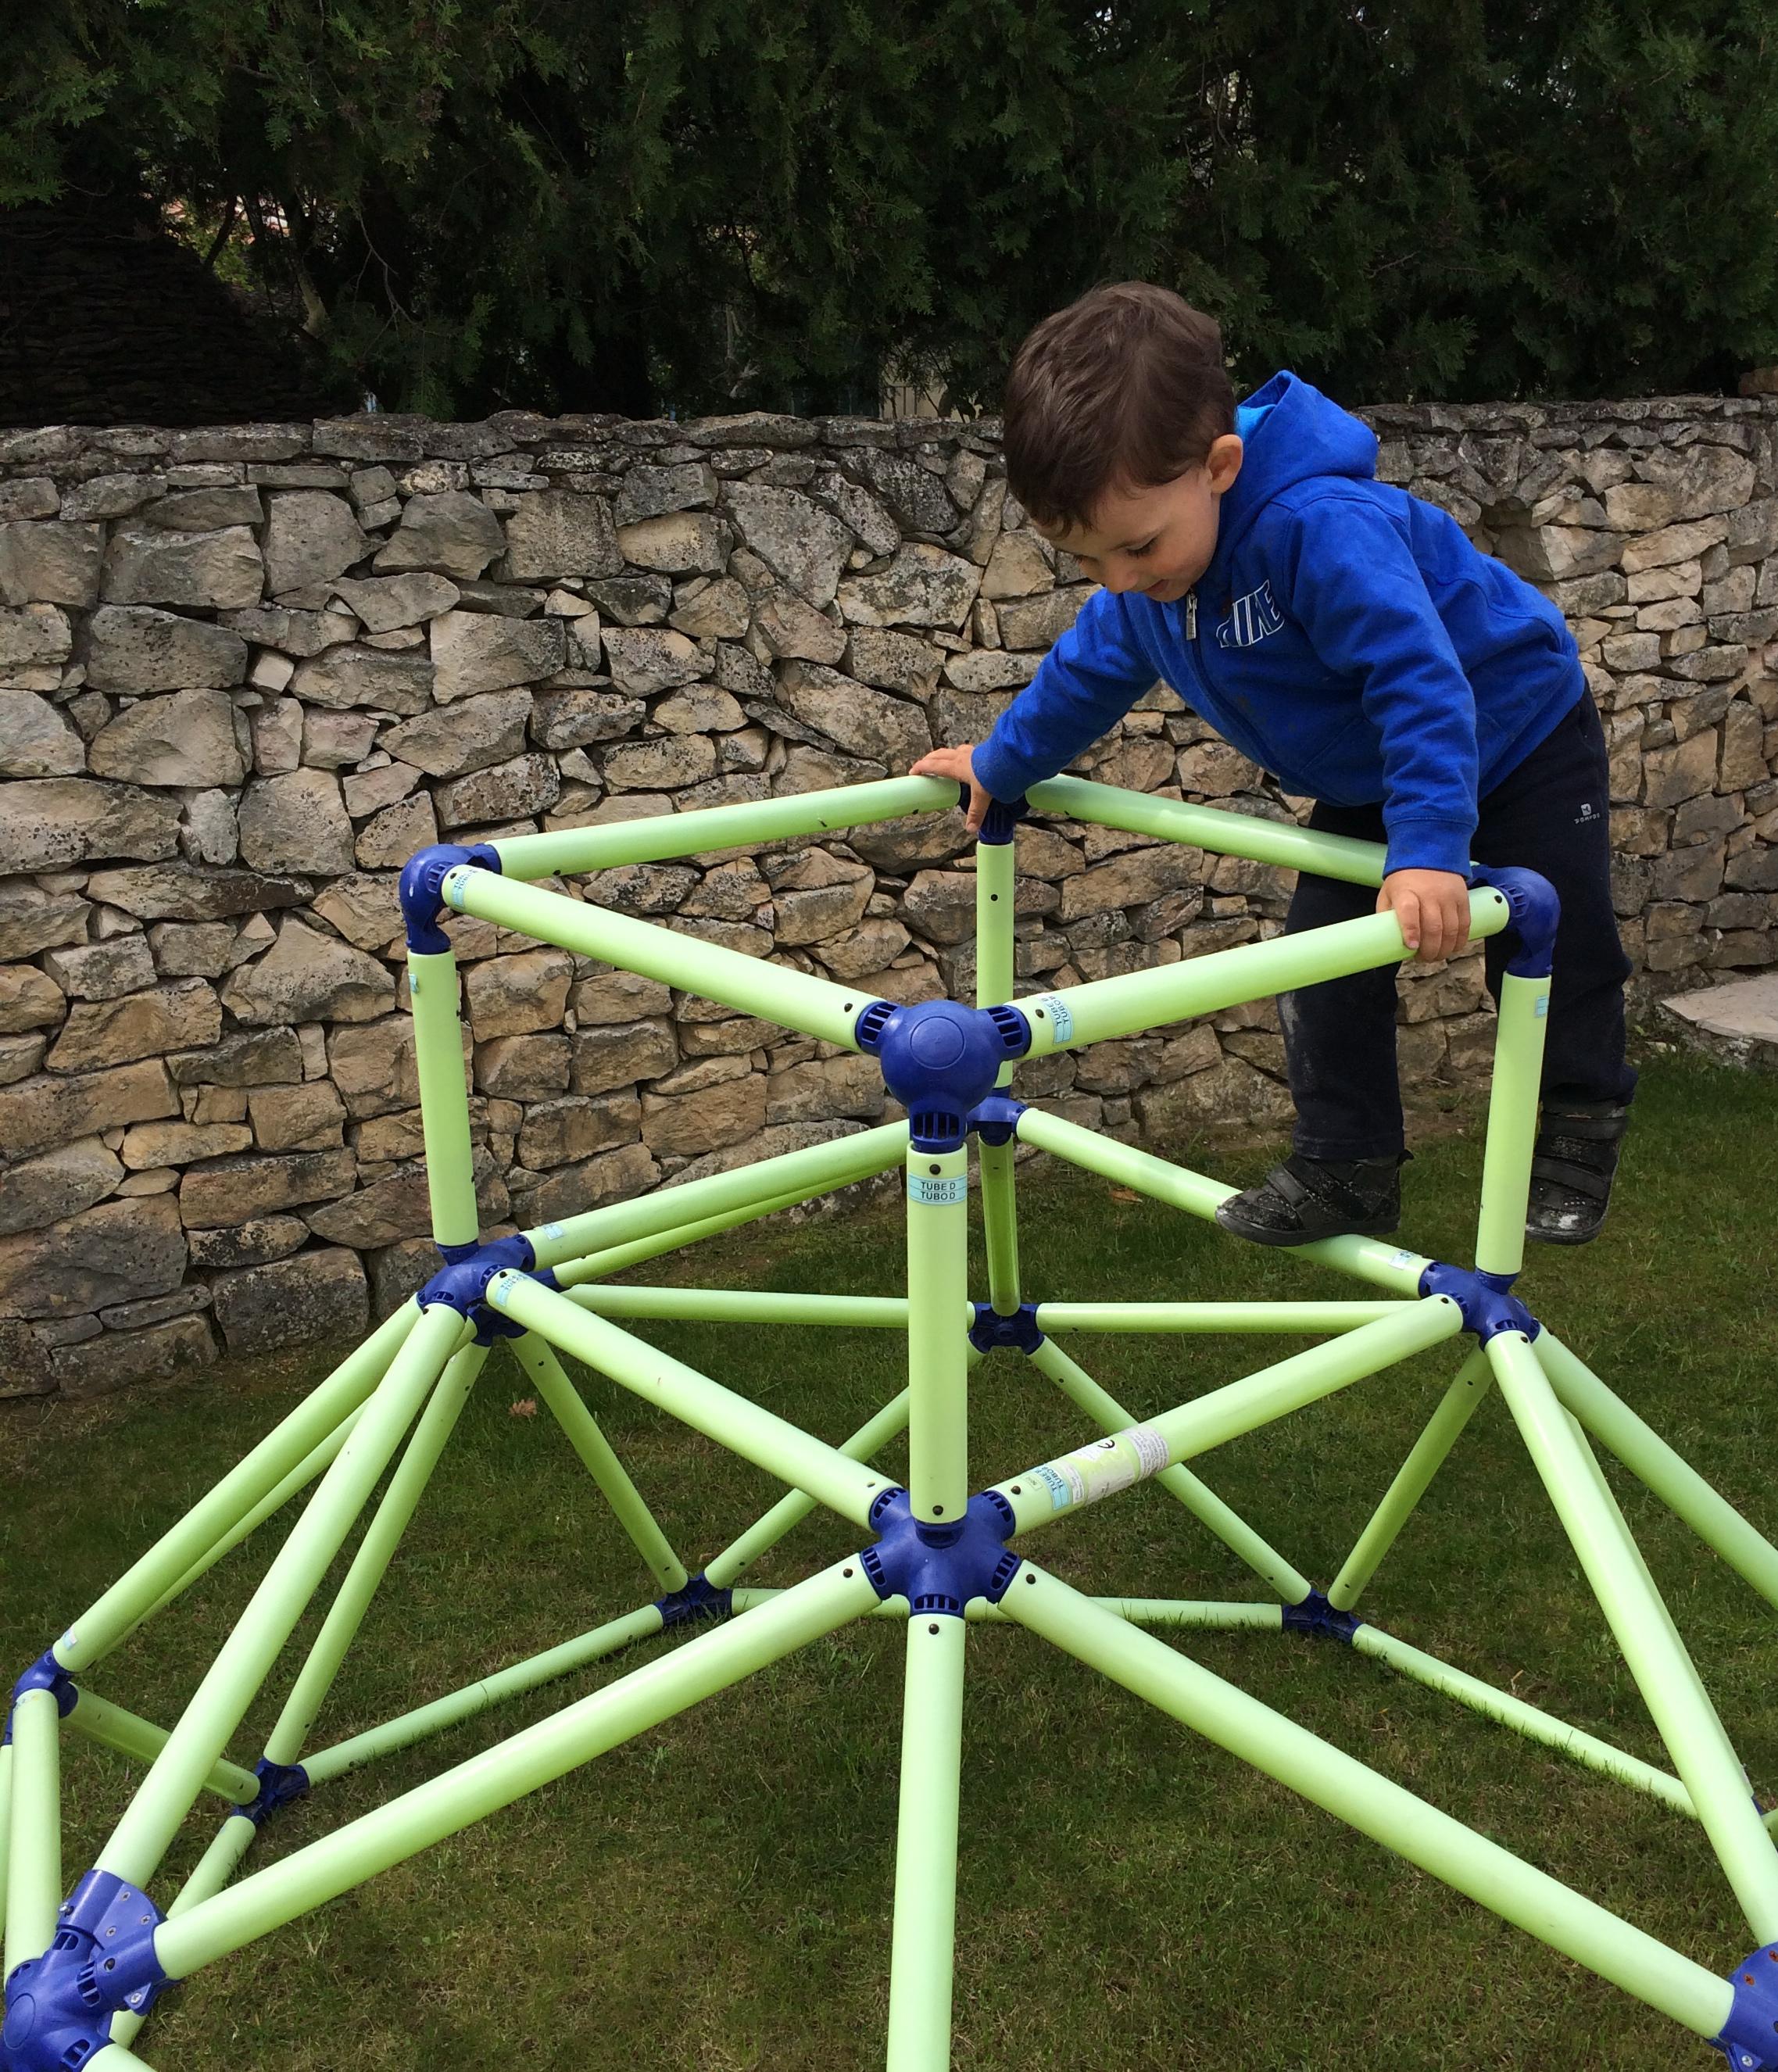 L activit montessori du jour pyramide grimper le for Jouet exterieur 3 ans